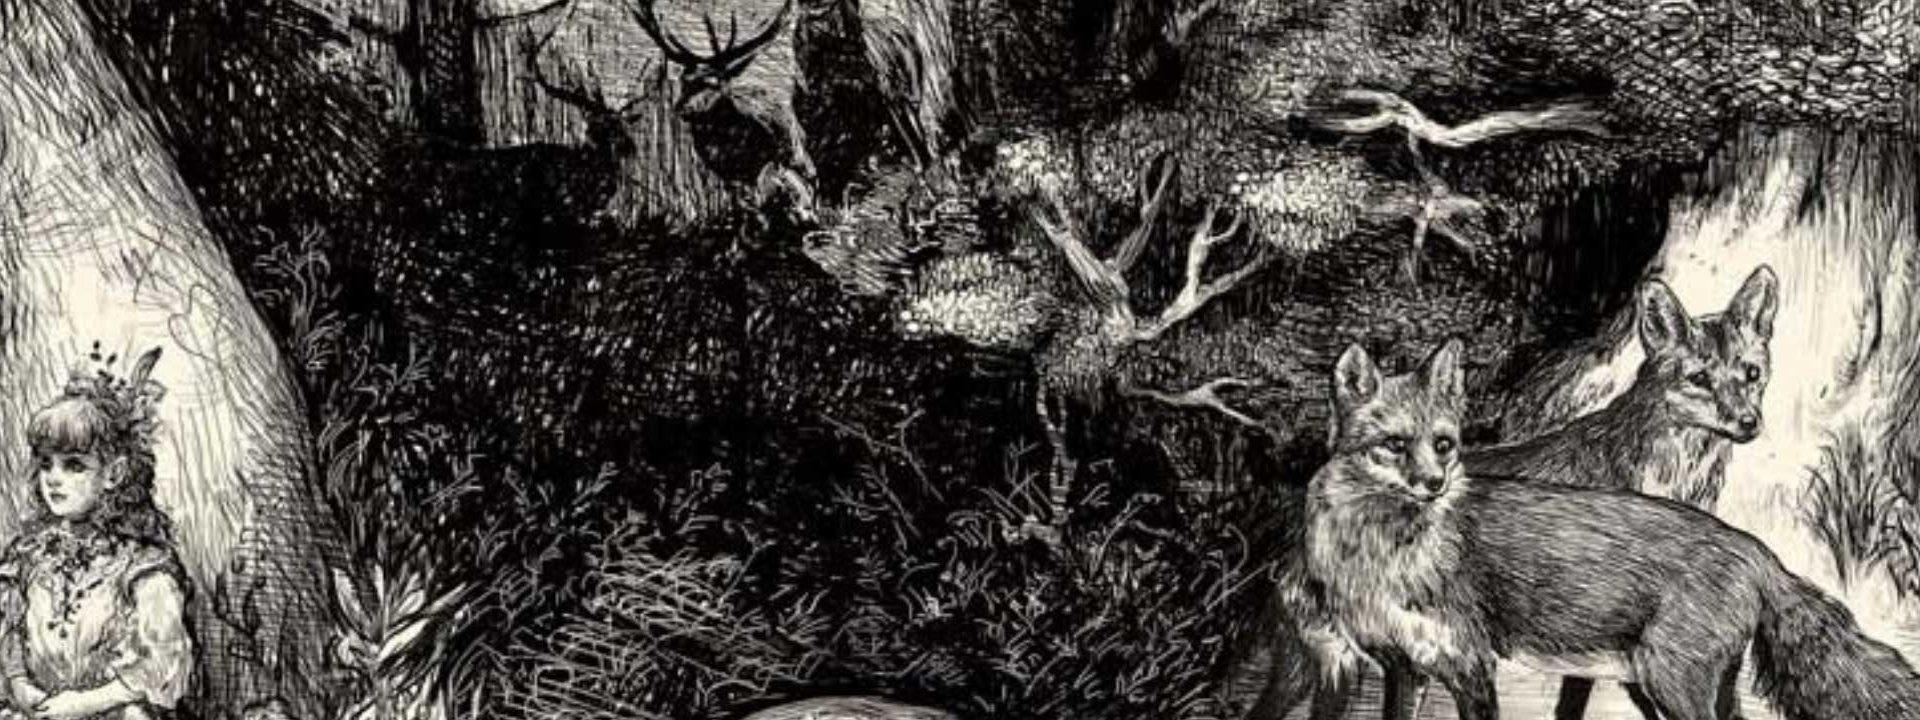 ארבעה נכנסו לפרדס: היער כמרחב חניכה